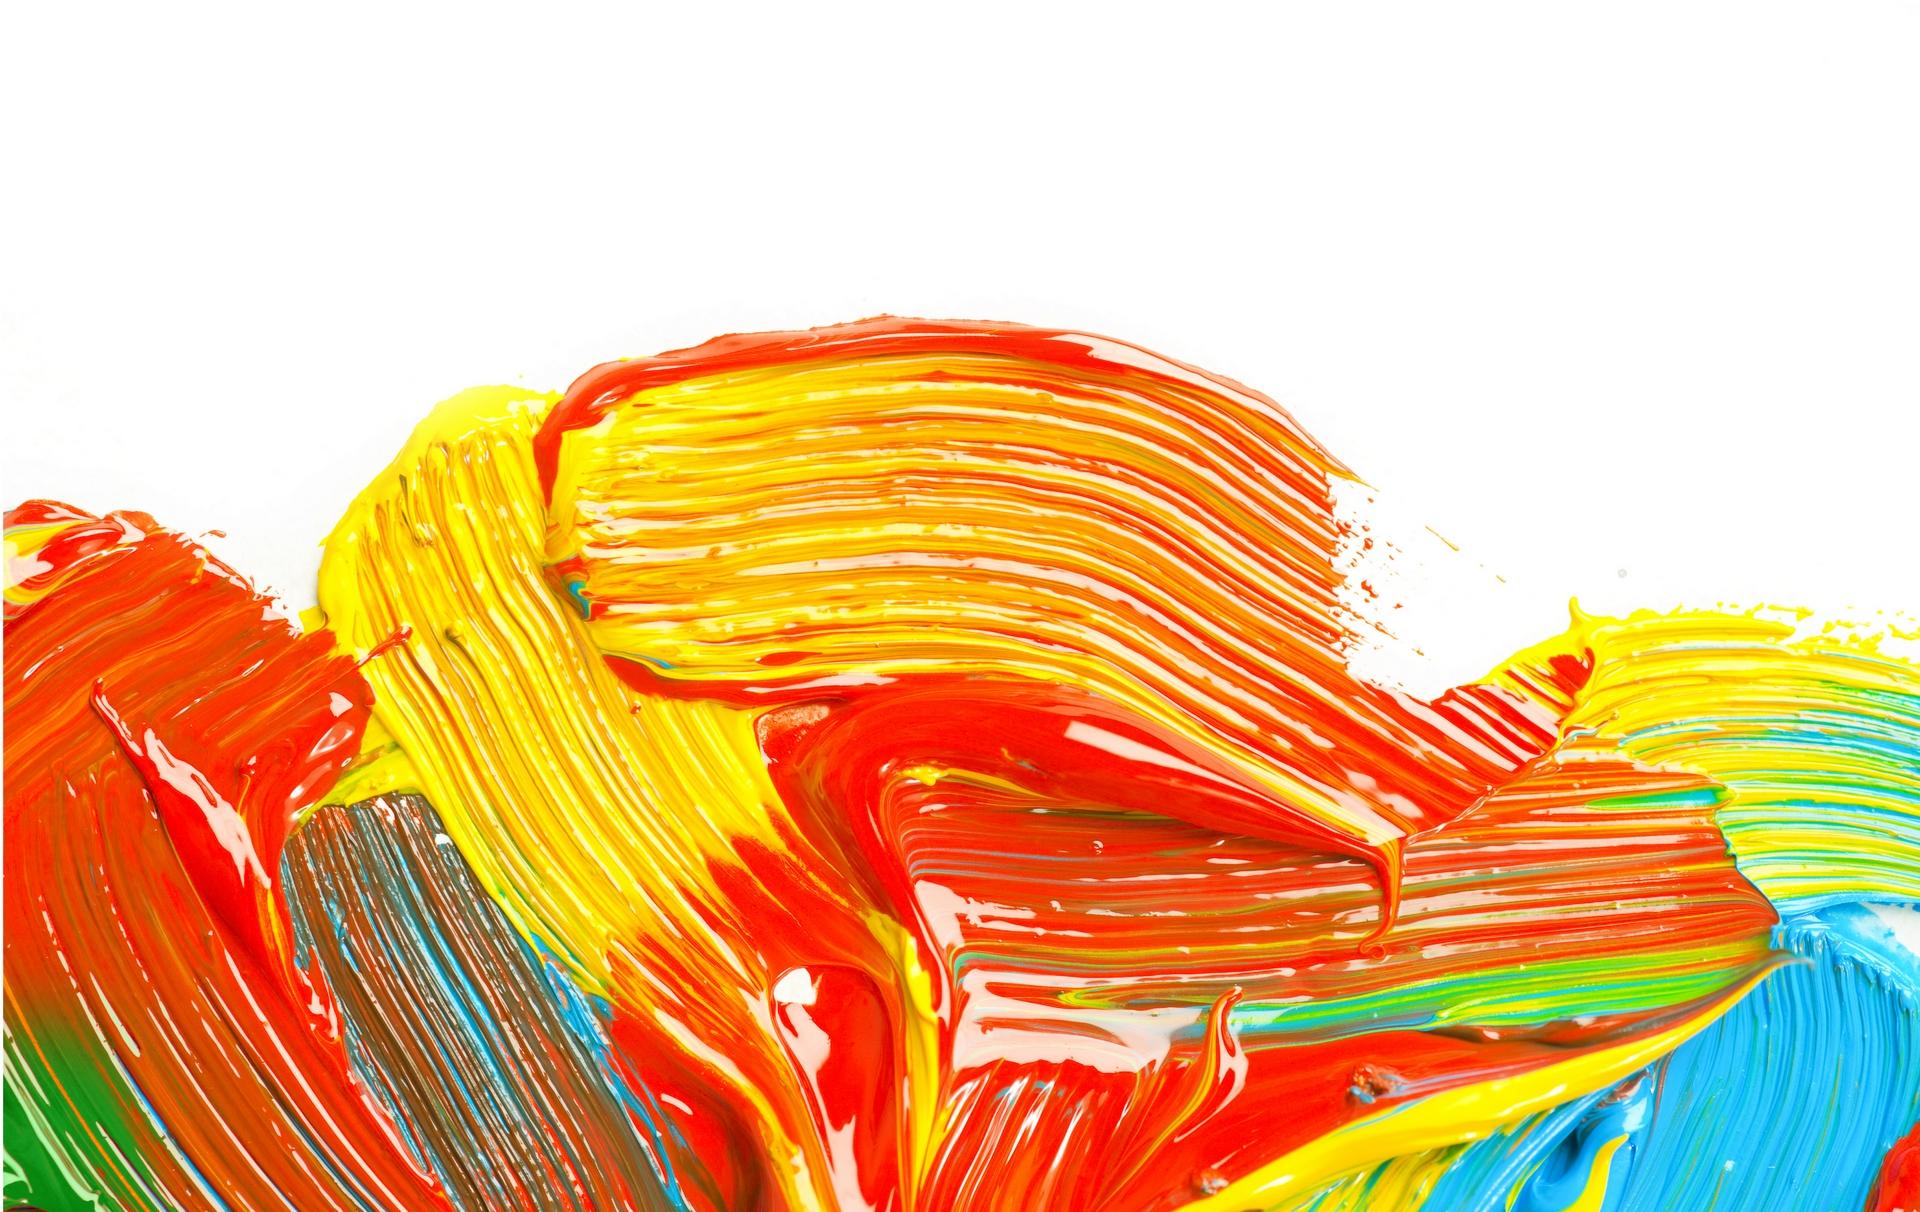 Colourful Paints Colors Photo 24236808 Fanpop